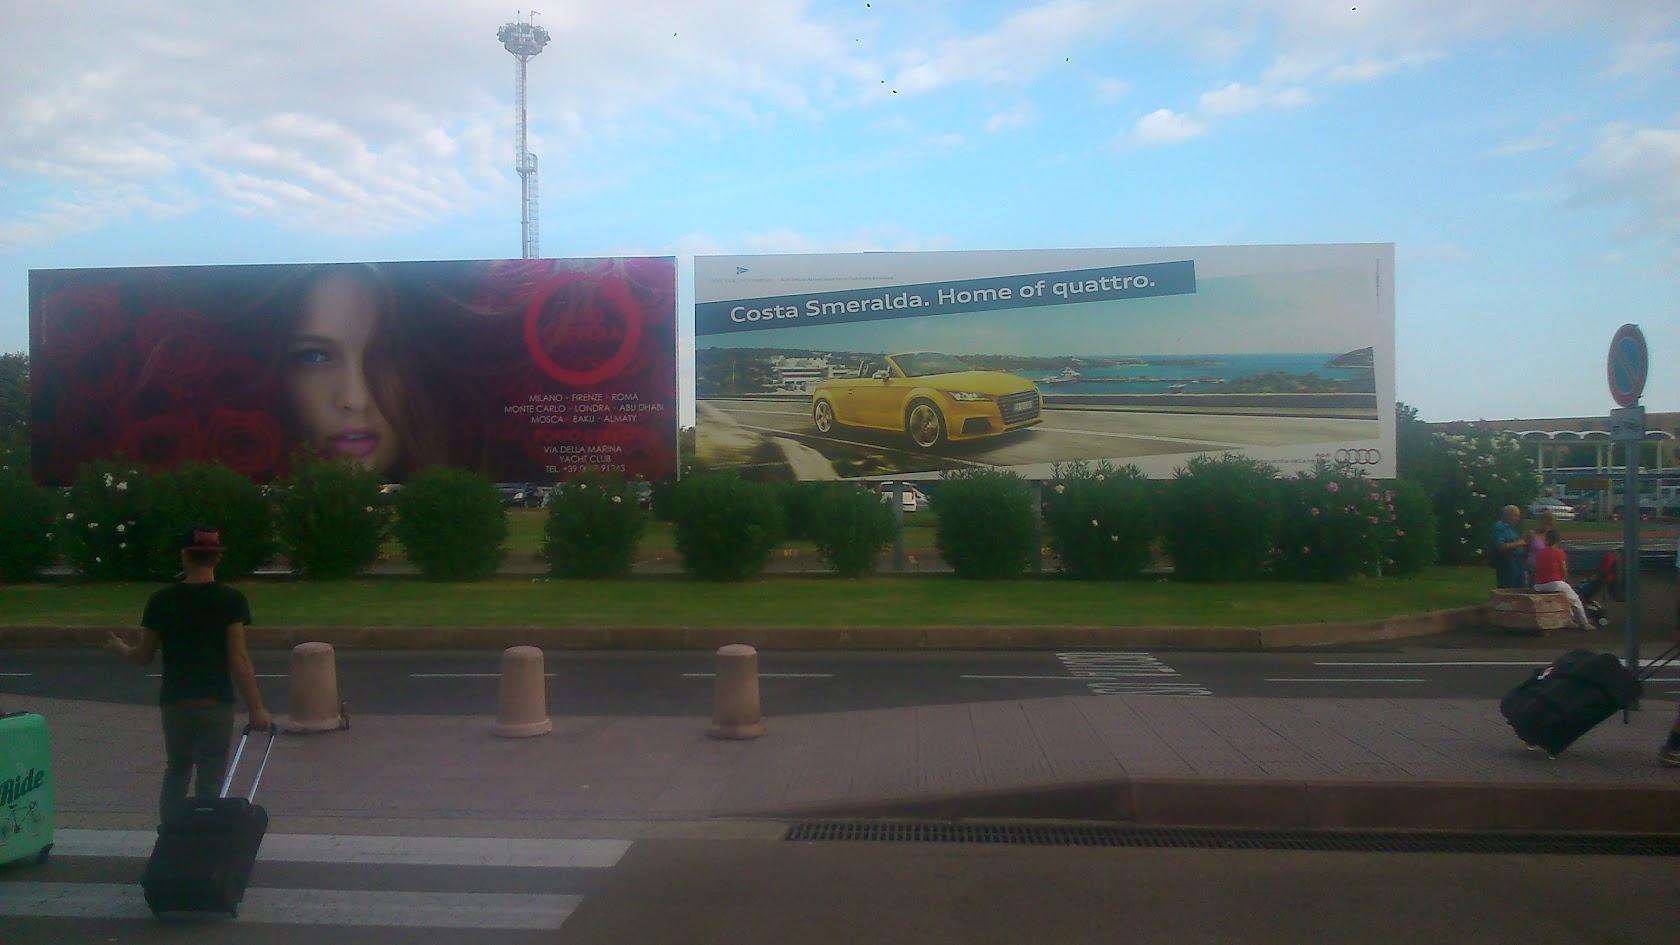 Баннер AUDI пи выходе из аэропорта Коста Смеральда. Ольбия.